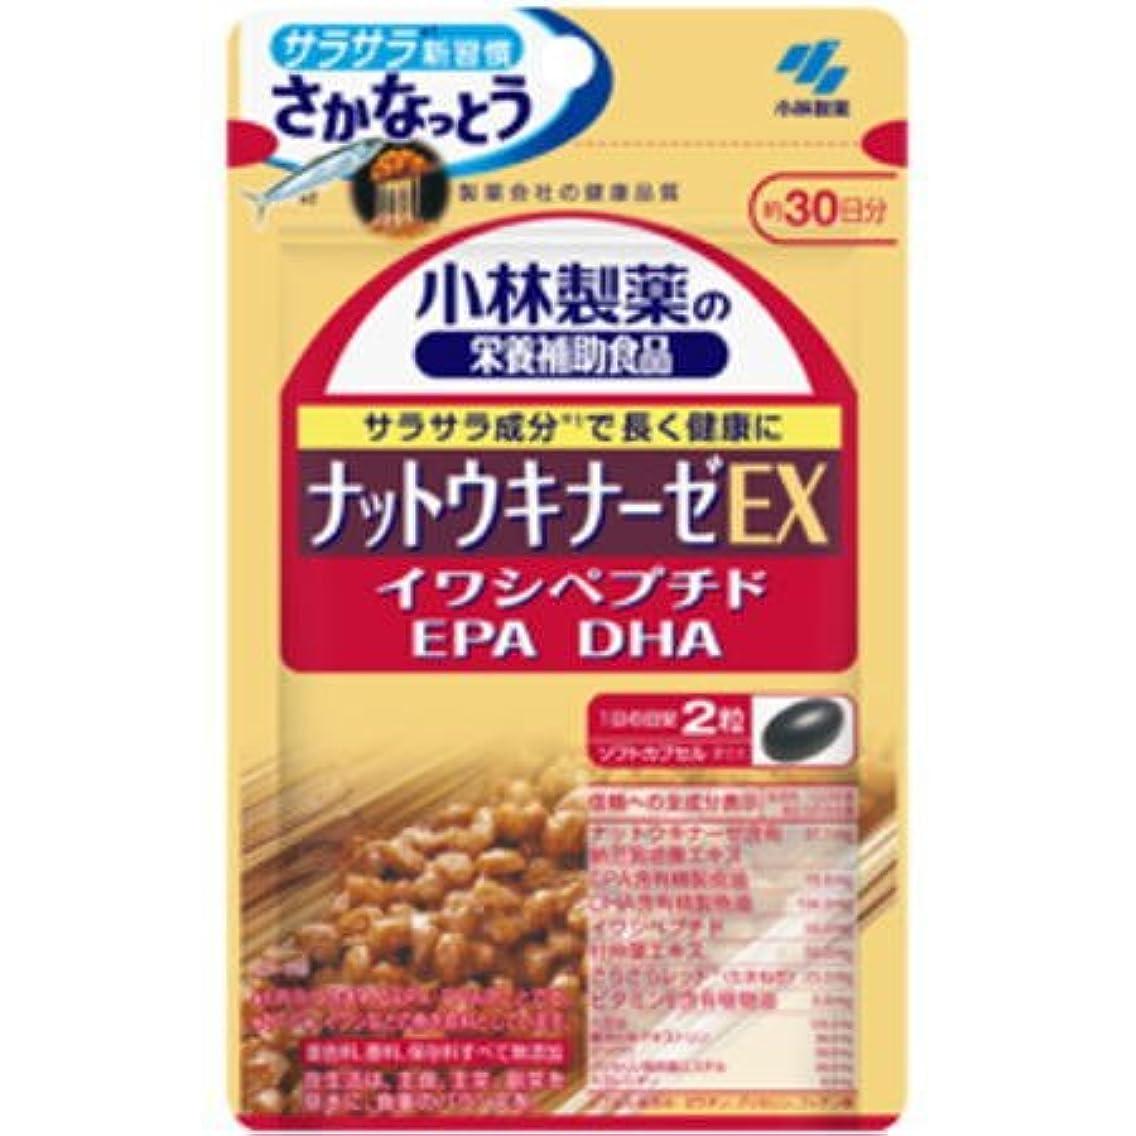 アッティカス劣るスツール小林製薬 ナットウキナーゼ EX 60粒【ネコポス発送】